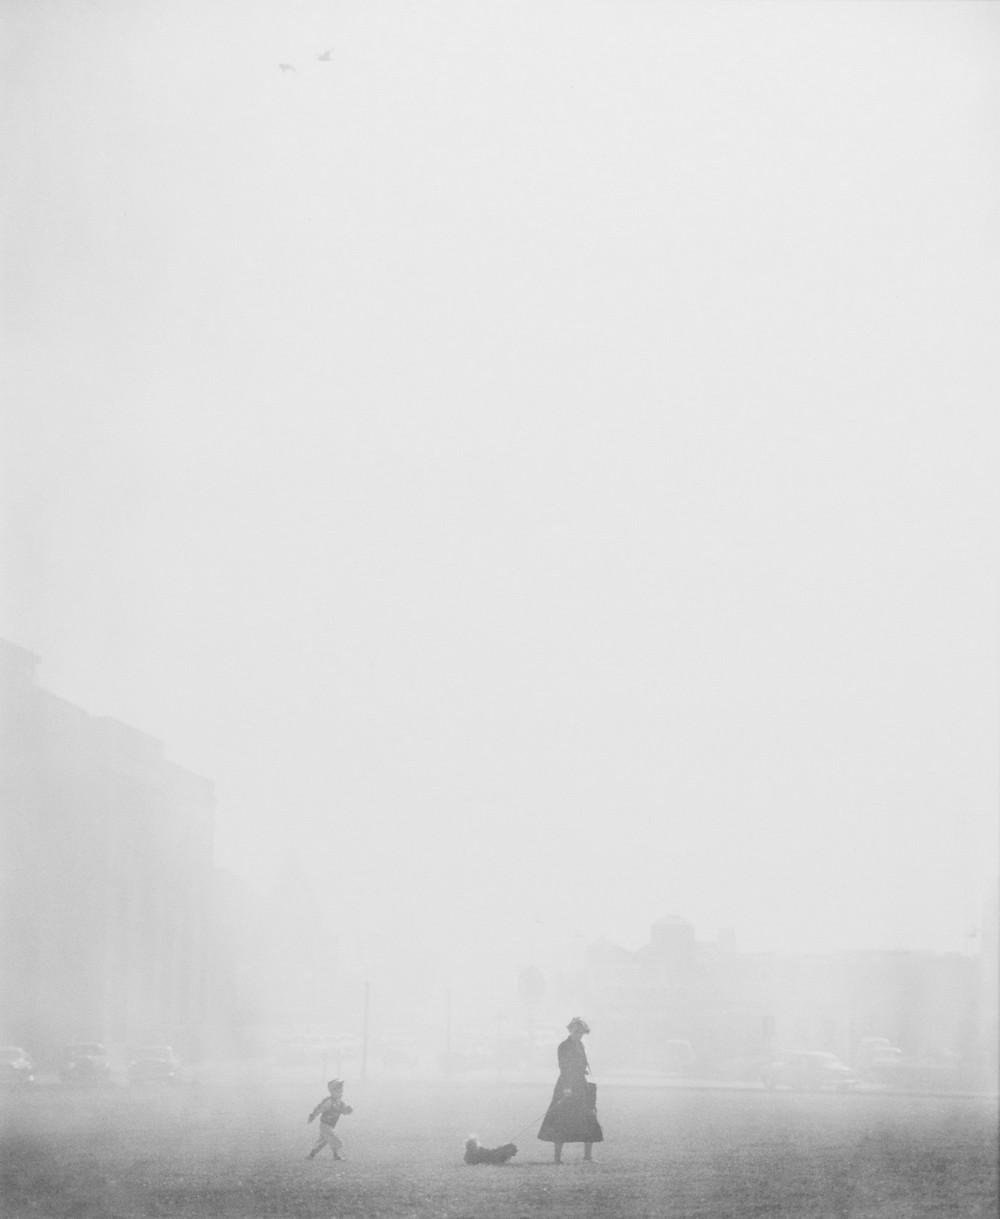 San-Frantsisko-ulichnye-fotografii-1940-50-godov-Freda-Liona 11